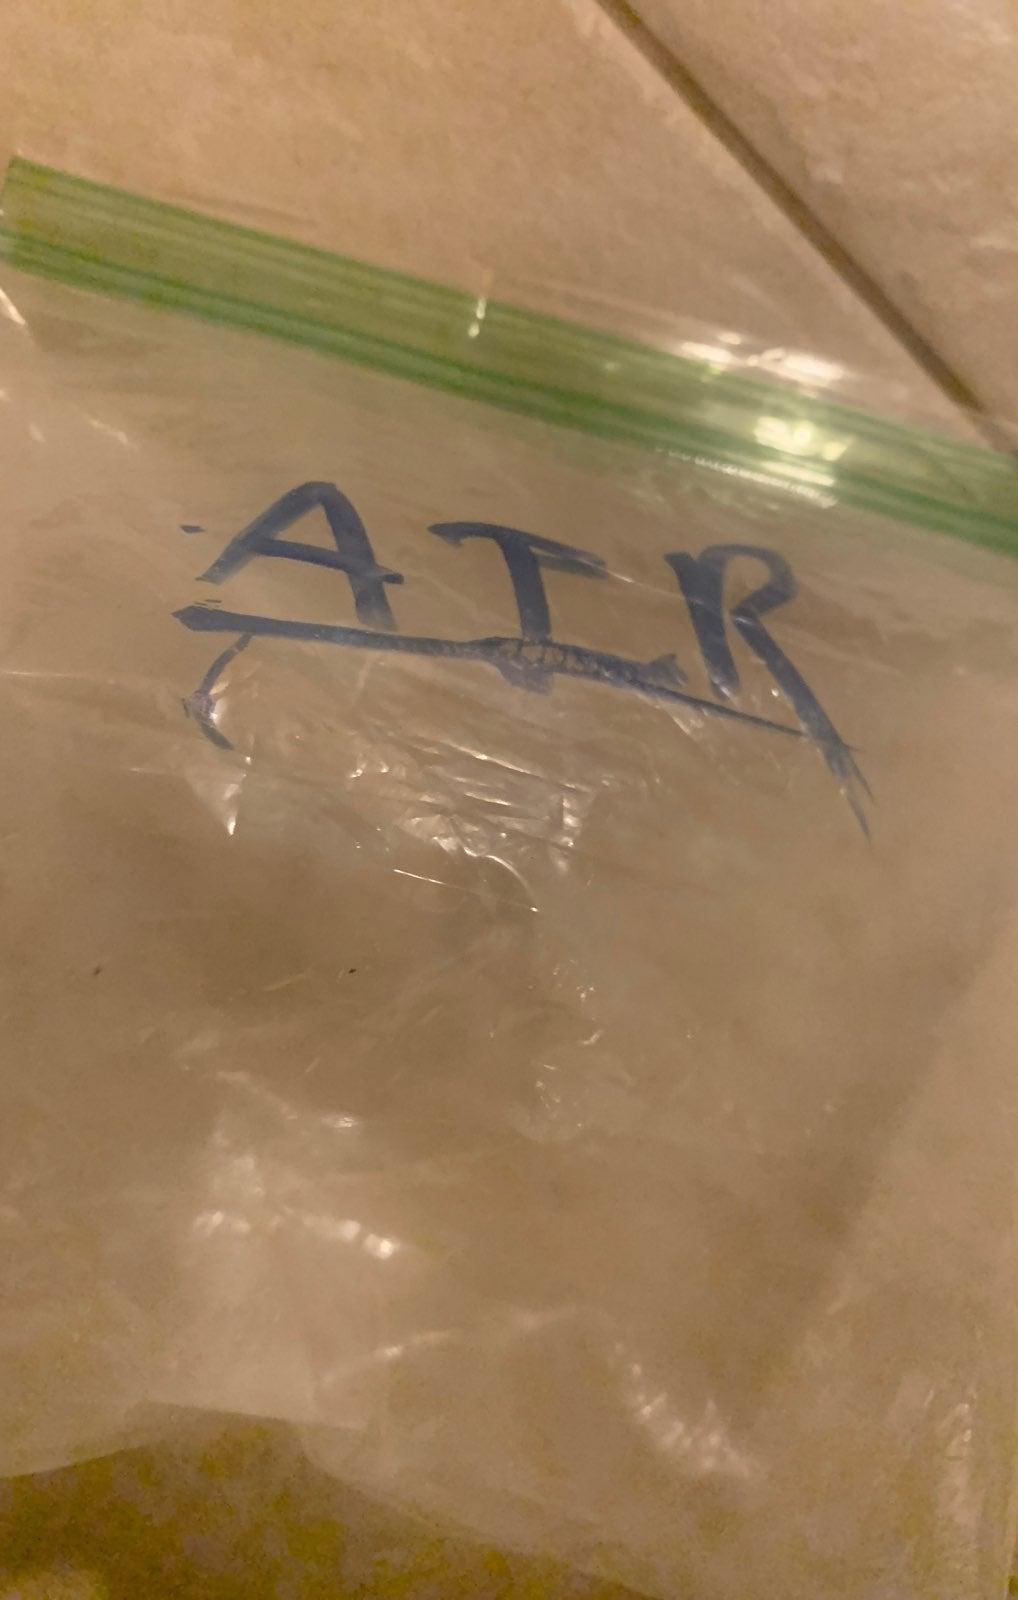 Bag of air